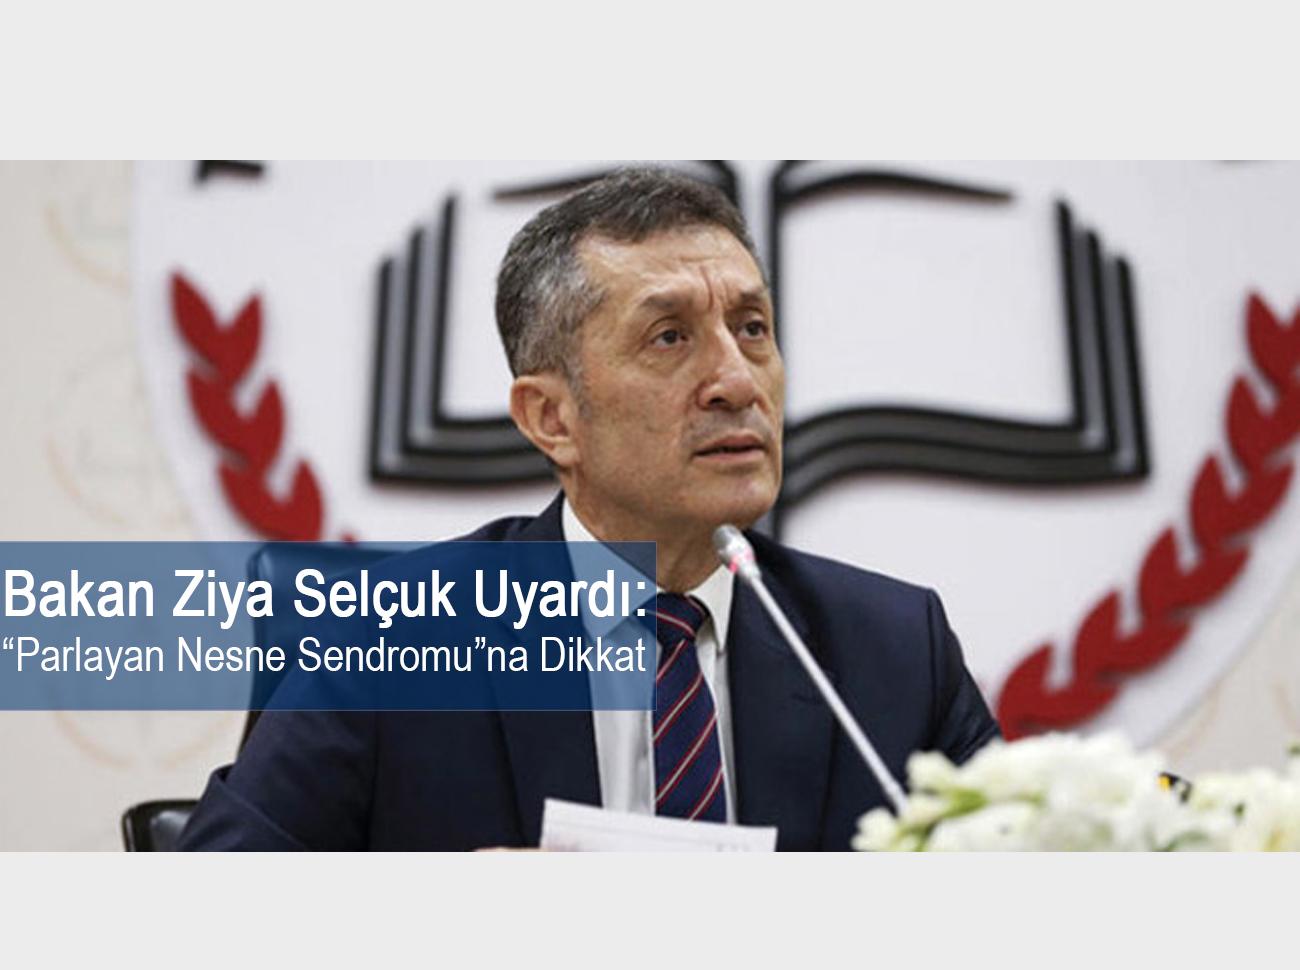 """Milli Eğitim Bakanı Ziya Selçuk'a Göre Çocuklar """"Parlayan Nesne Sendromu"""" Yaşıyor"""